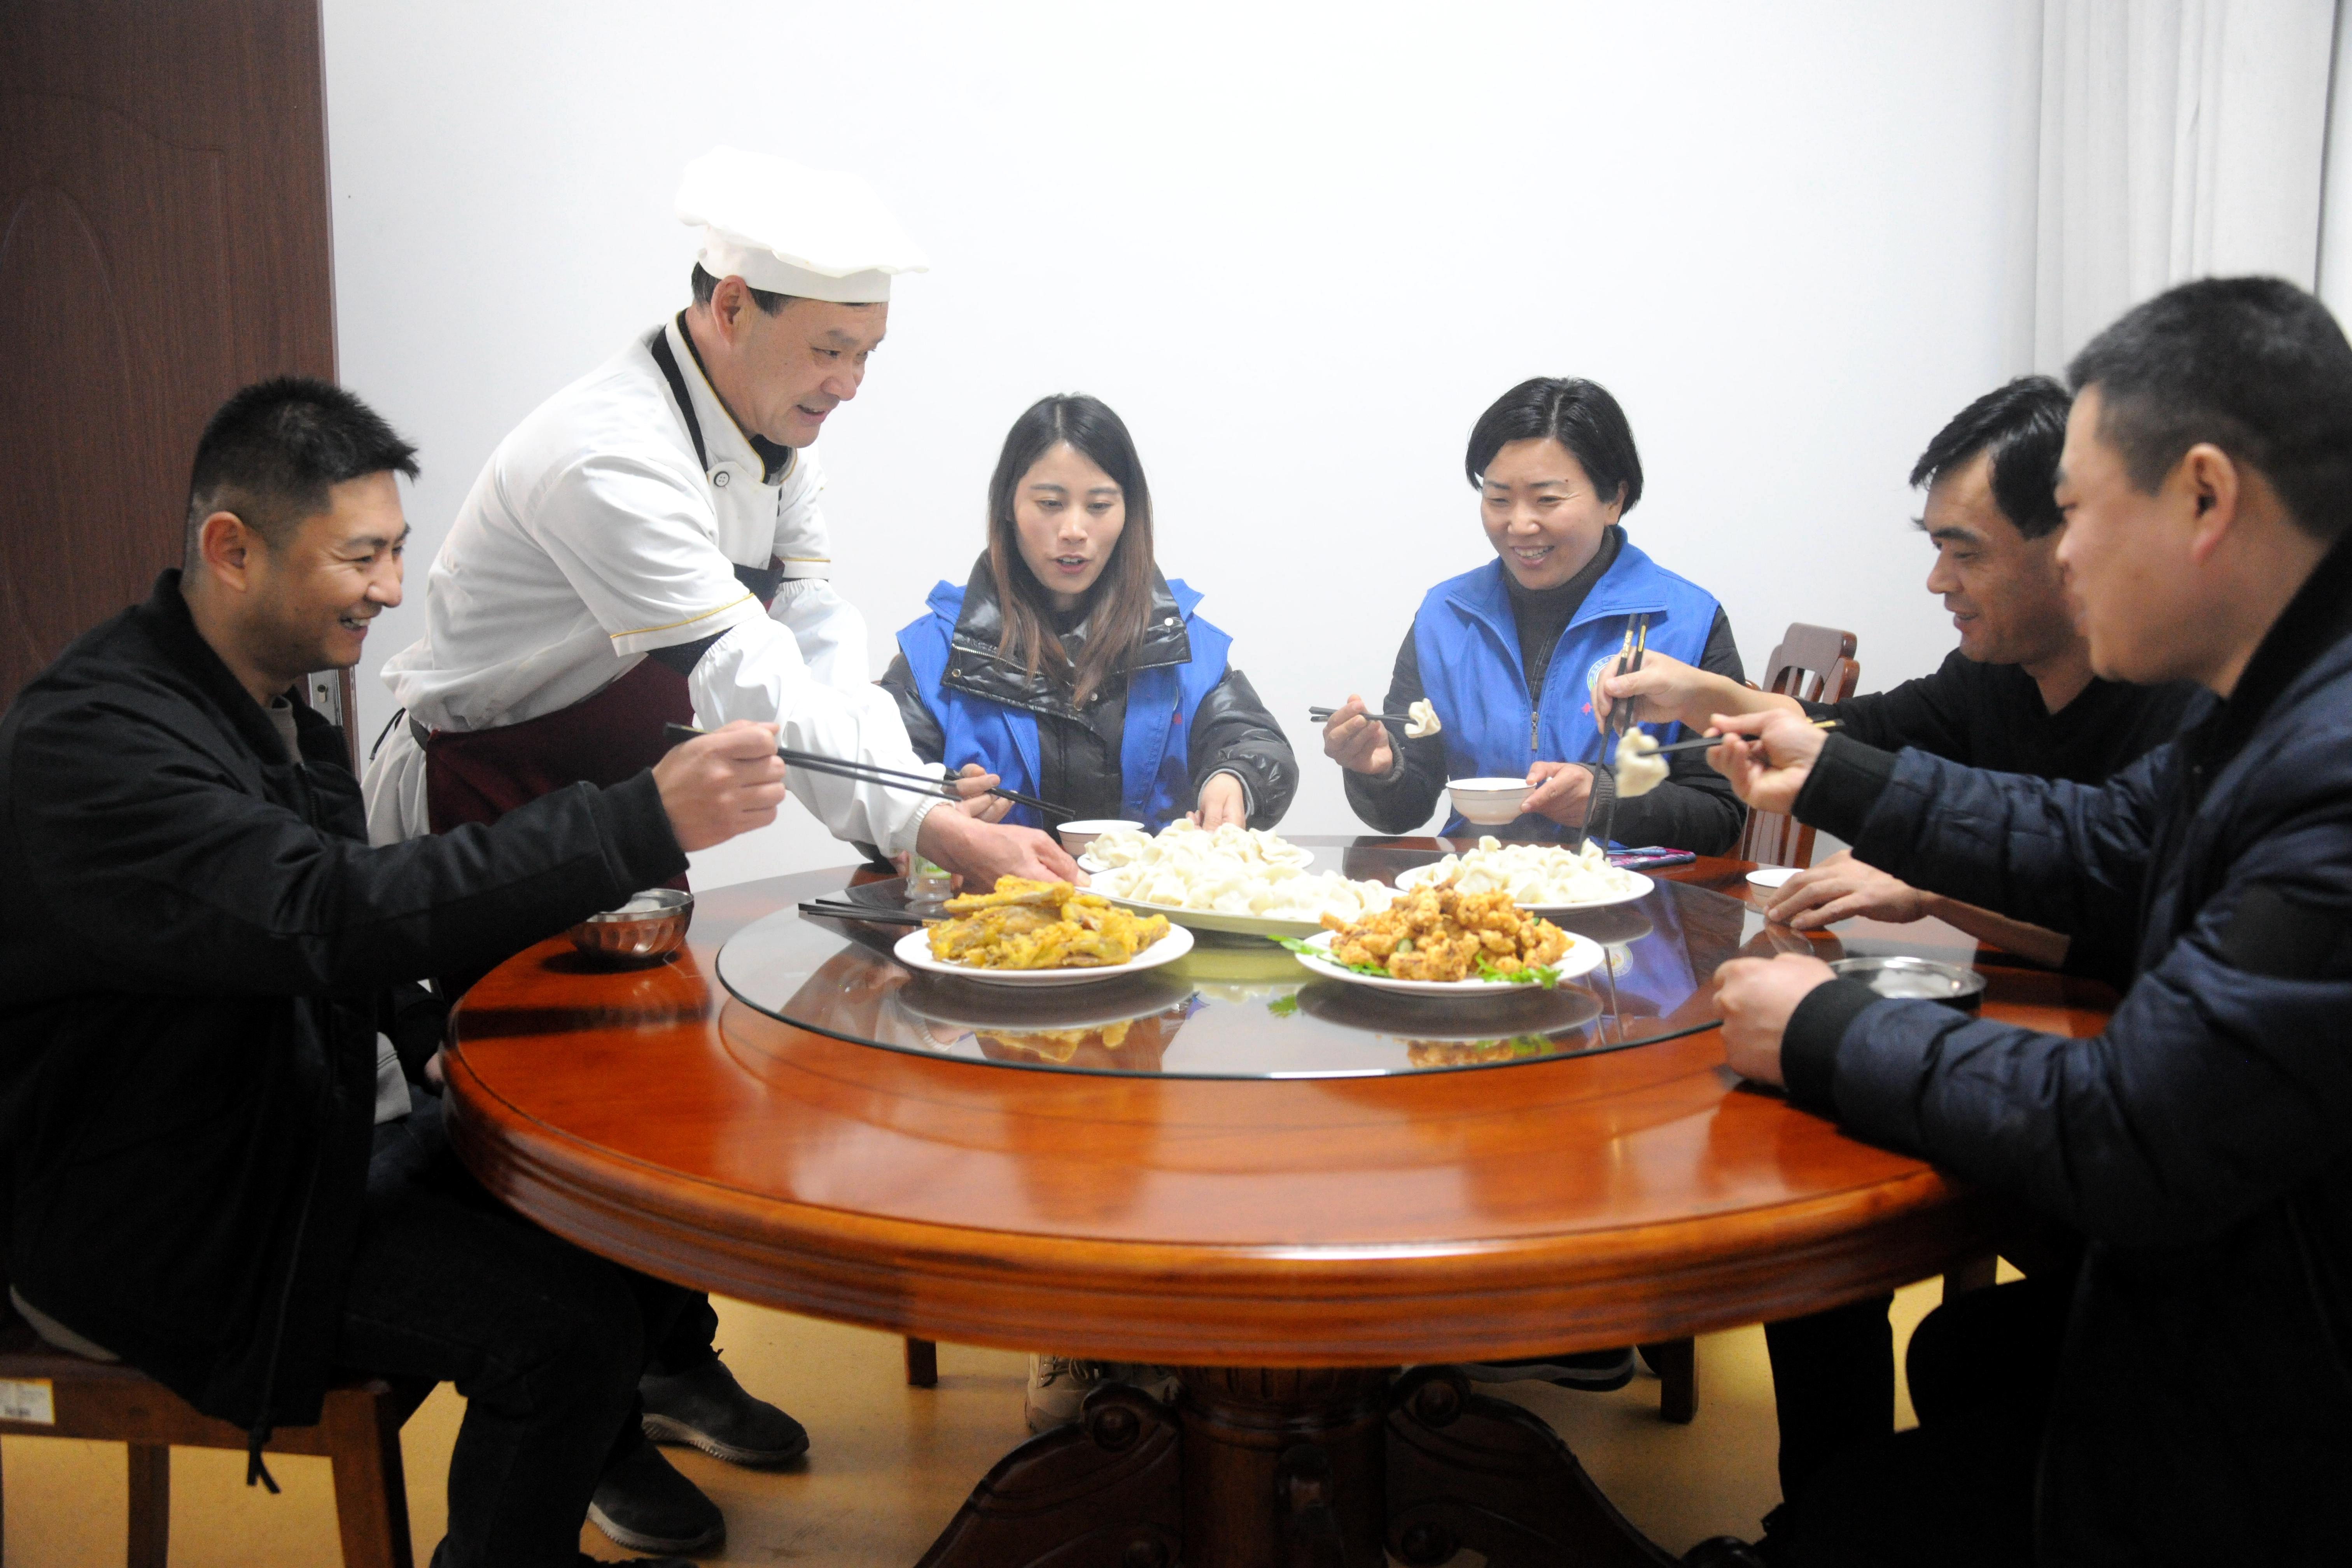 【新春走基层】网格员李淑霞:贴心为群众 搭起连心桥